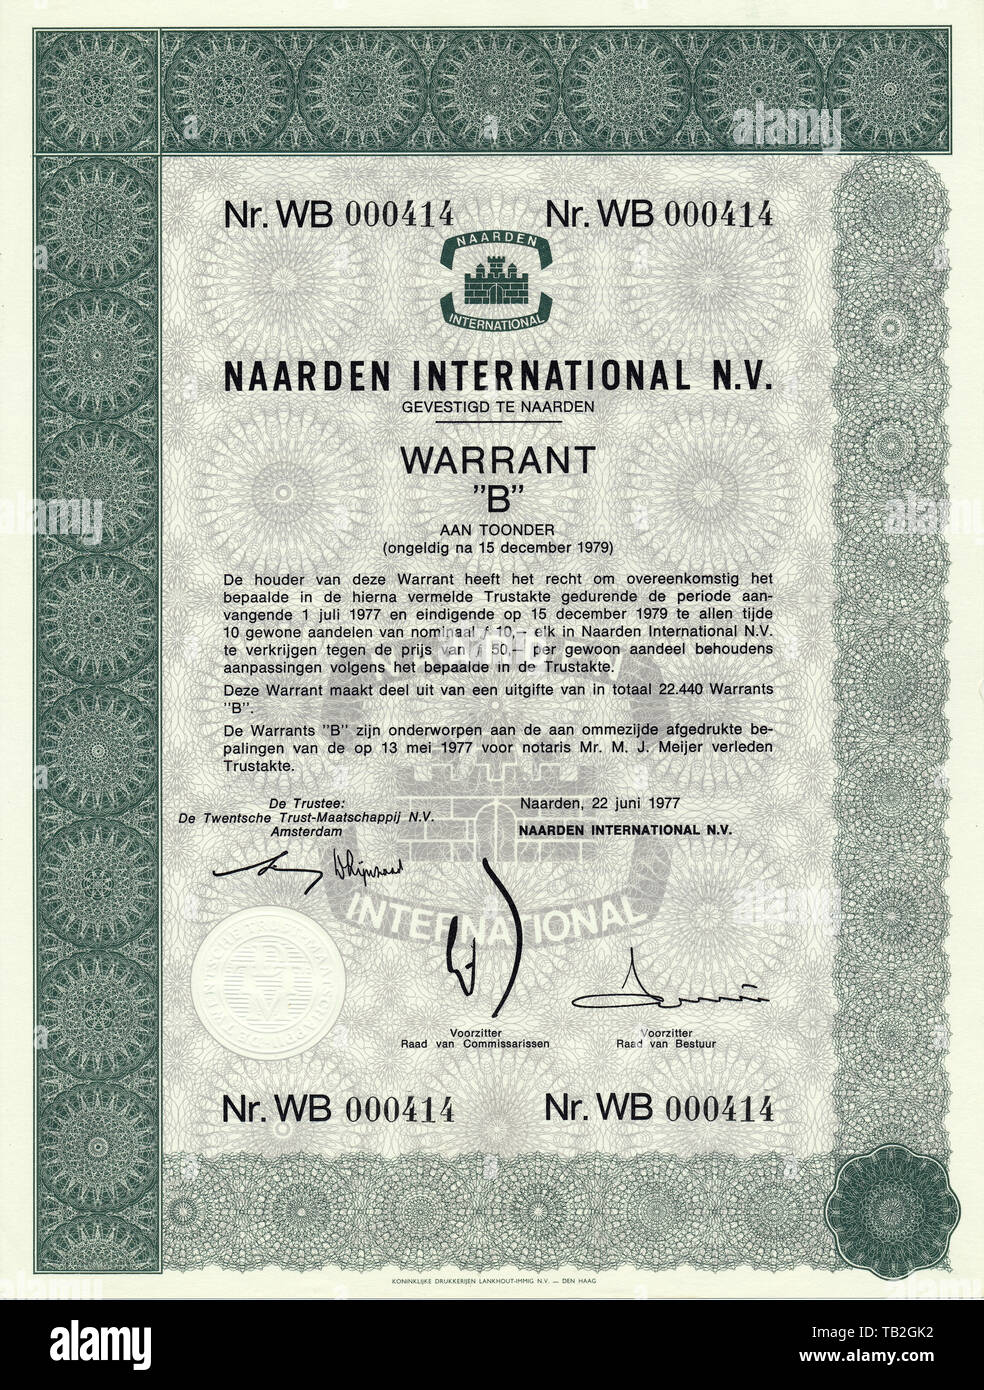 Historisches Wertpapier in niederländischen Gulden, hfl, Glycerin-Destillation, Düfte und Aromen, Naarden International N.V., 1977, Amsterdam, Niederlande, Europa - Stock Image